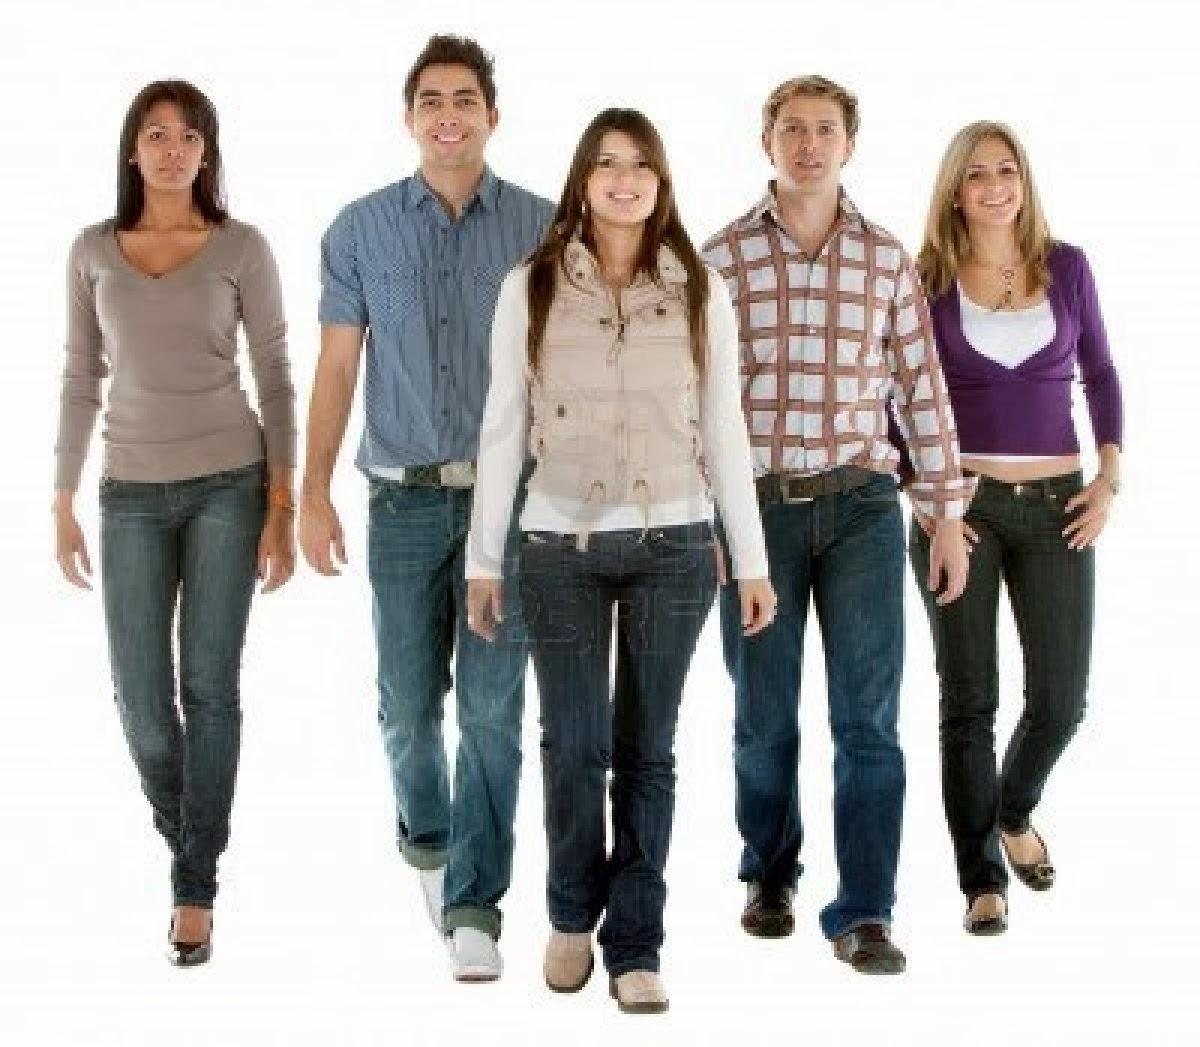 5 jednoduchých rad jak si udržet pevné vztahy